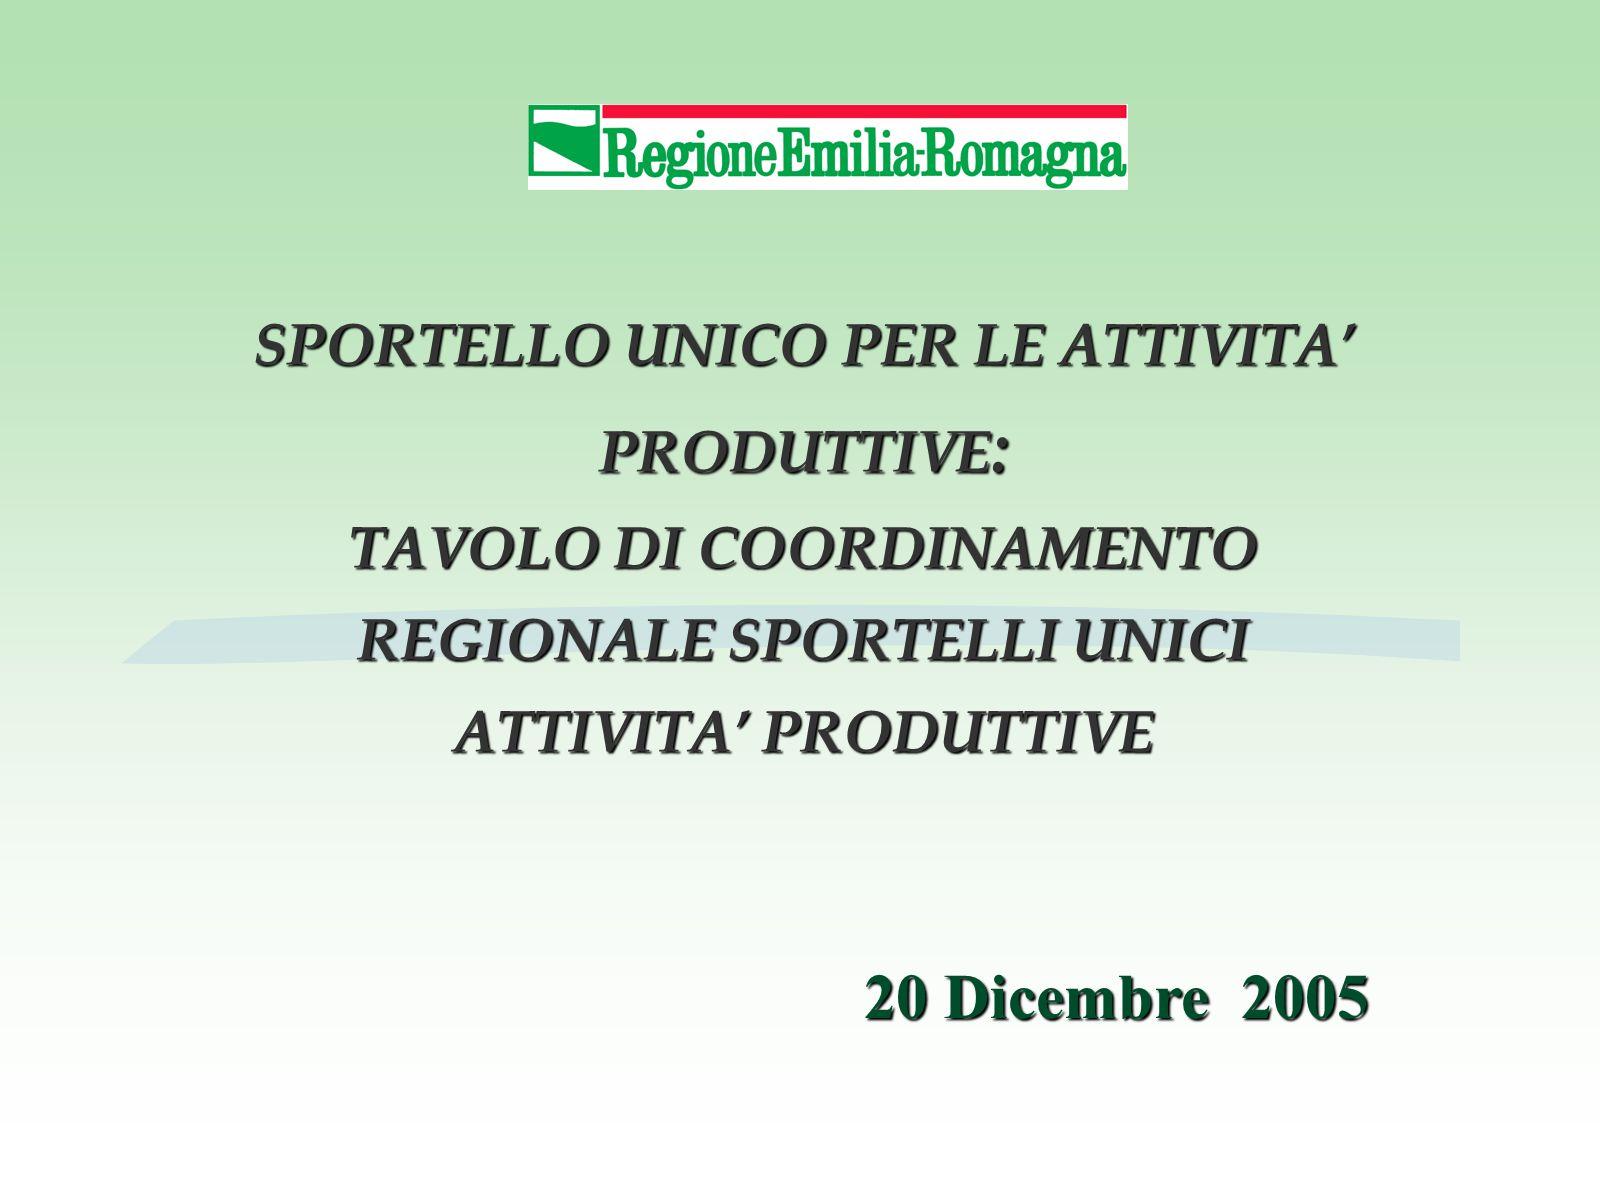 SPORTELLO UNICO PER LE ATTIVITA' PRODUTTIVE : TAVOLO DI COORDINAMENTO REGIONALE SPORTELLI UNICI ATTIVITA' PRODUTTIVE 20 Dicembre 2005